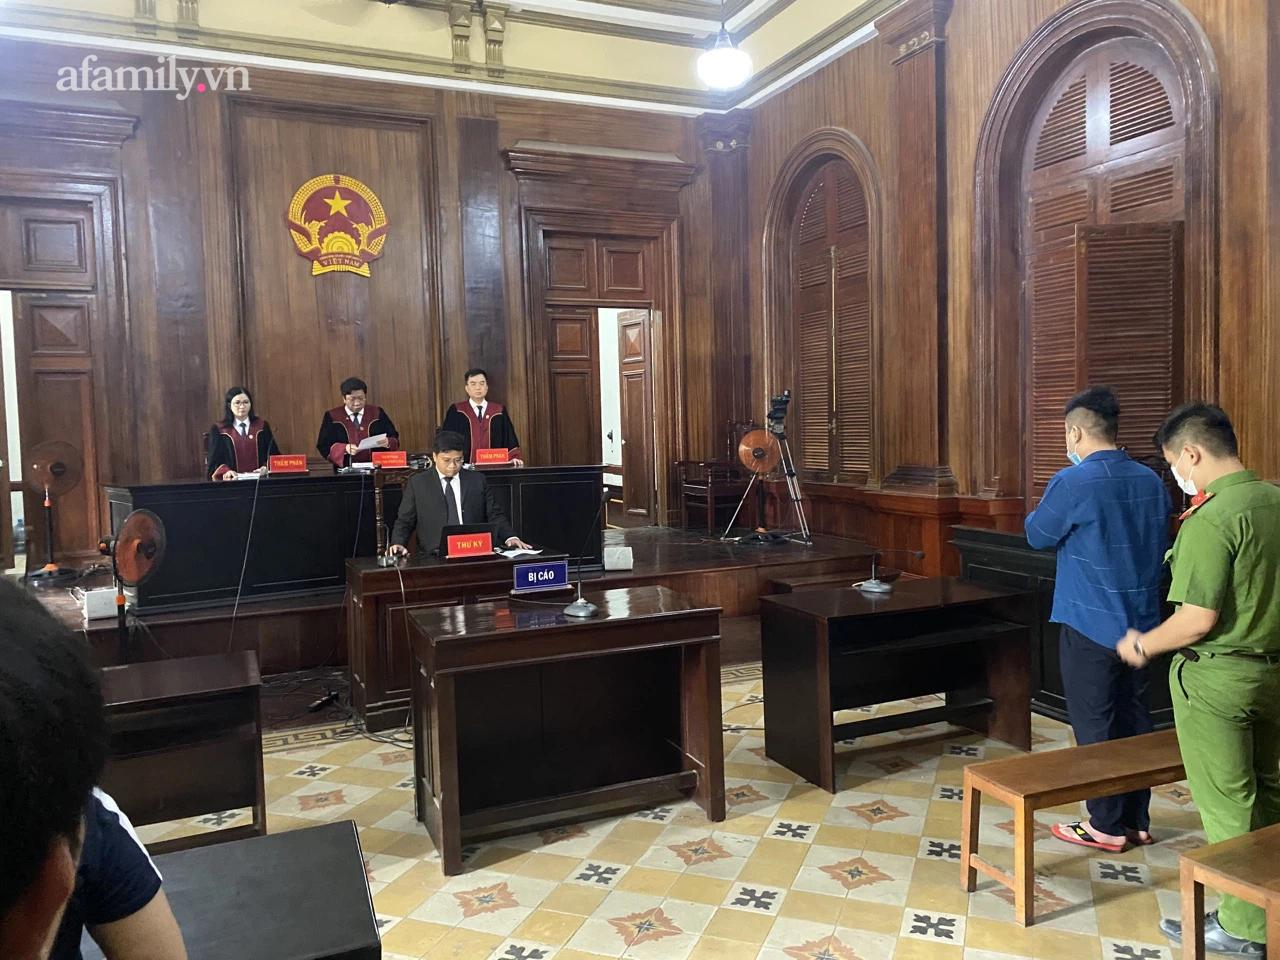 Phiên tòa tiến hành phần thủ tục.